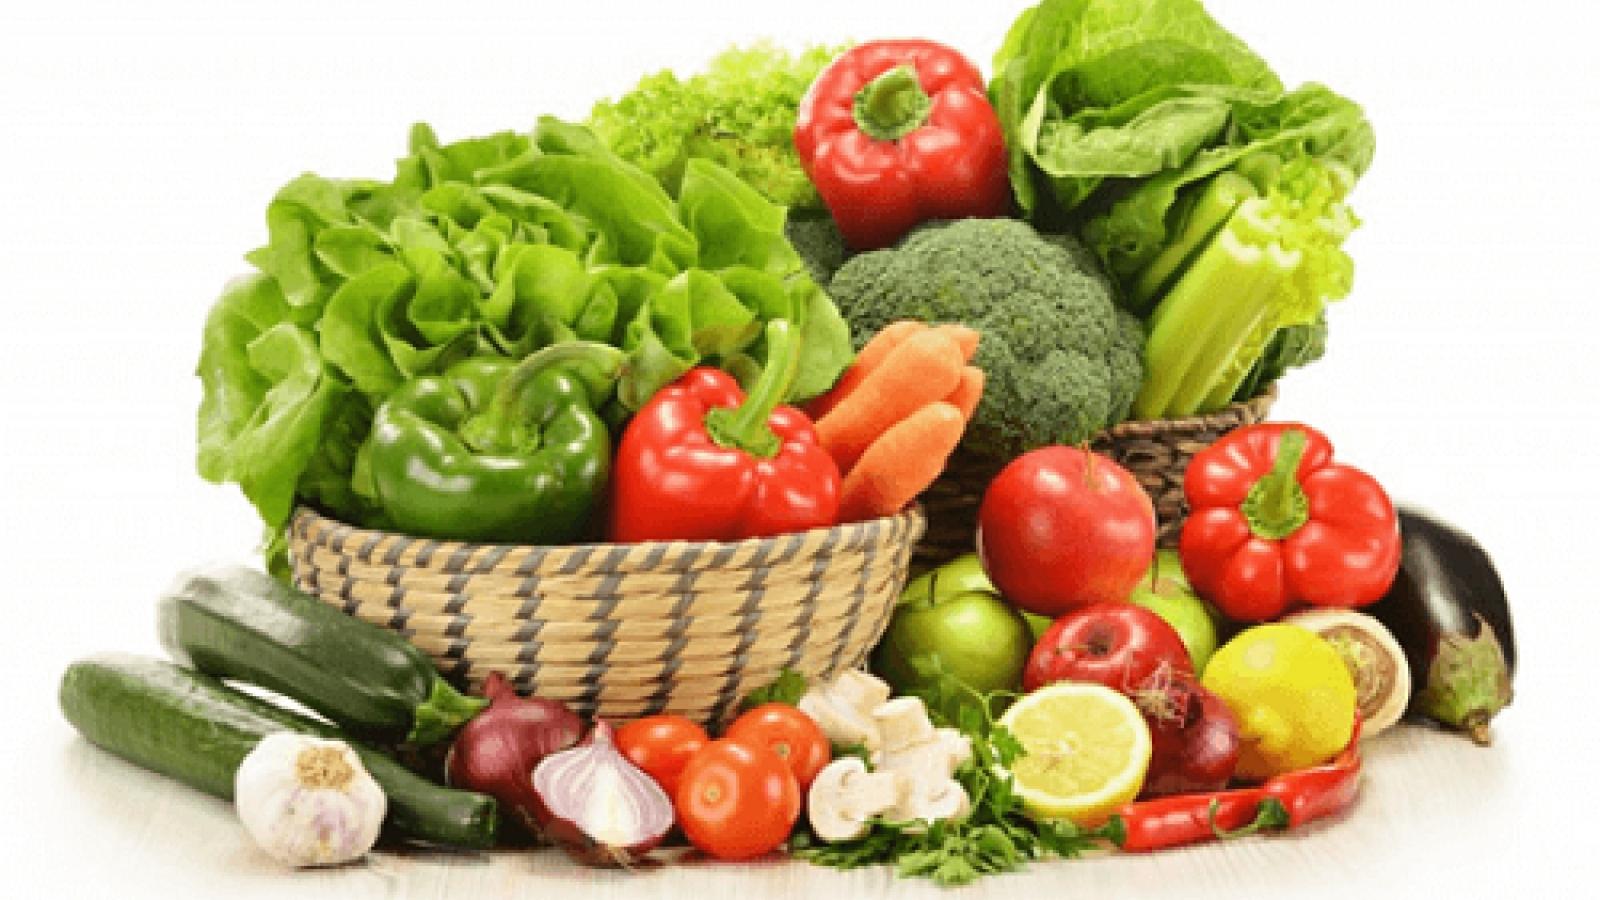 Những chất dinh dưỡng tốt cho người bệnh sa sút trí tuệ